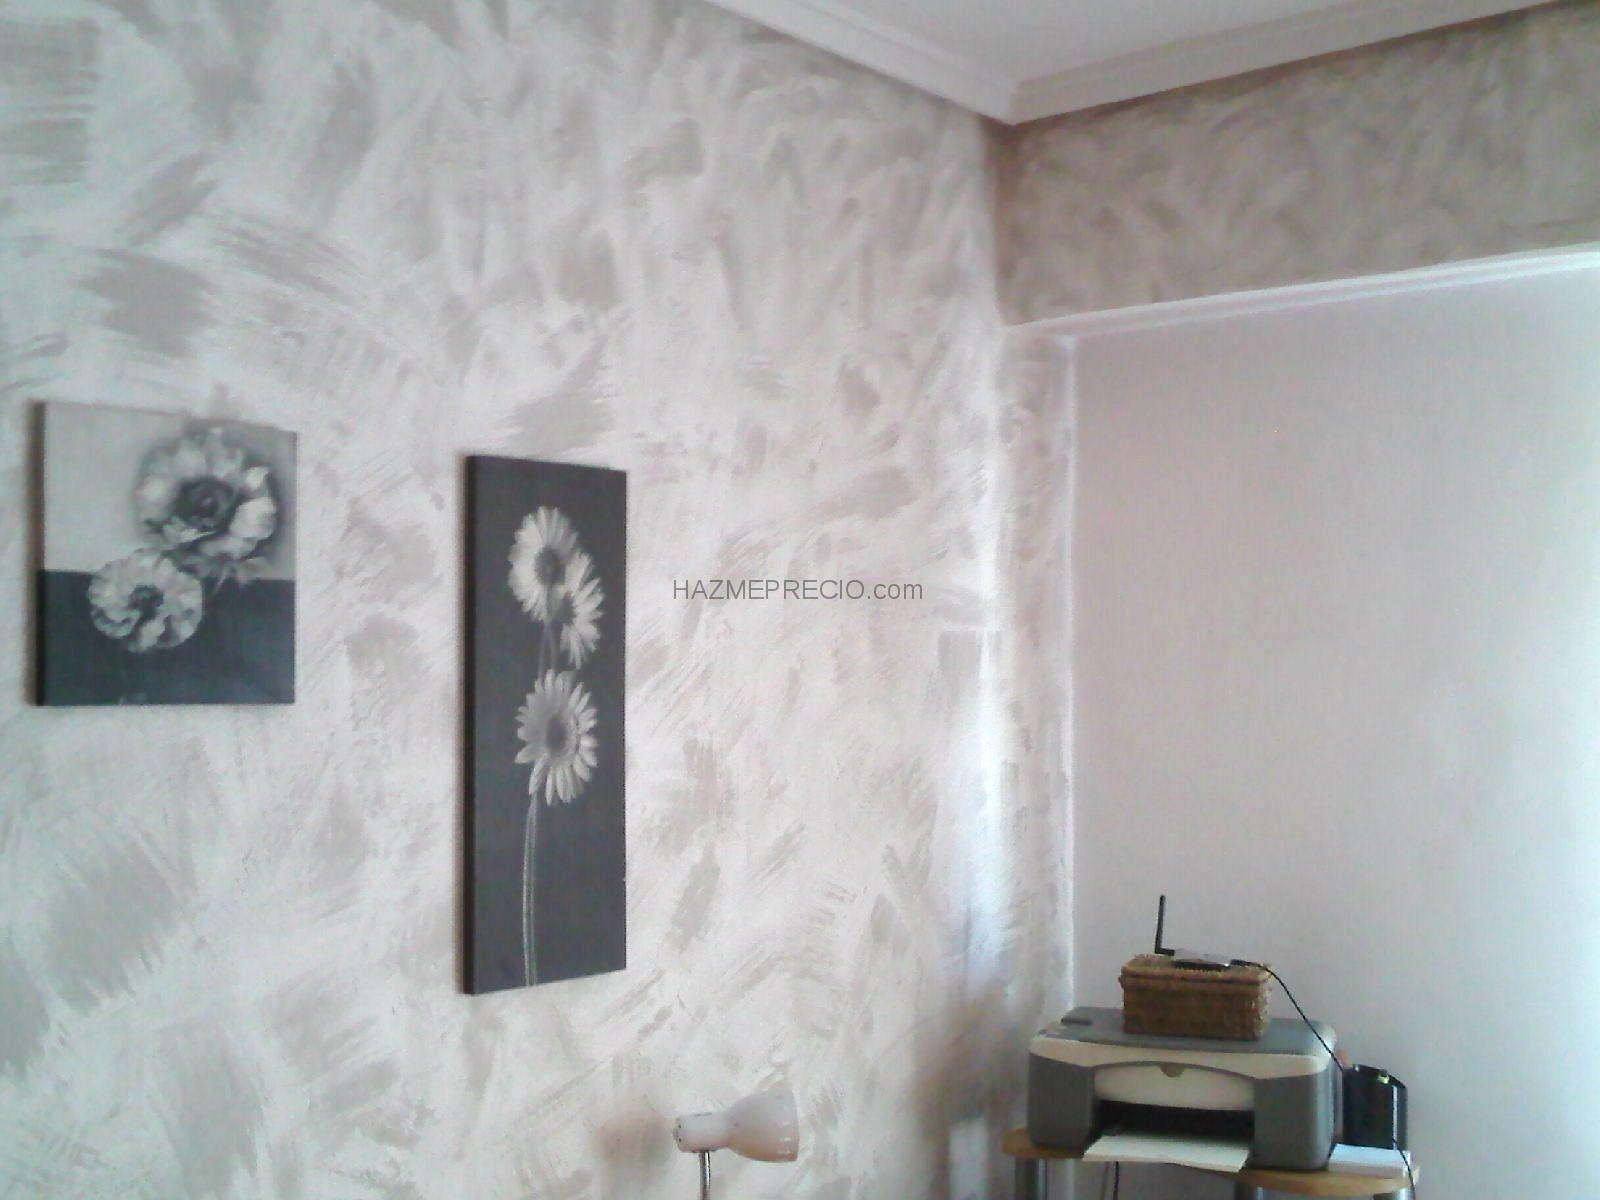 Pinturas decorativas trabajo en habitacion con gotele - Pintura pared gris ...